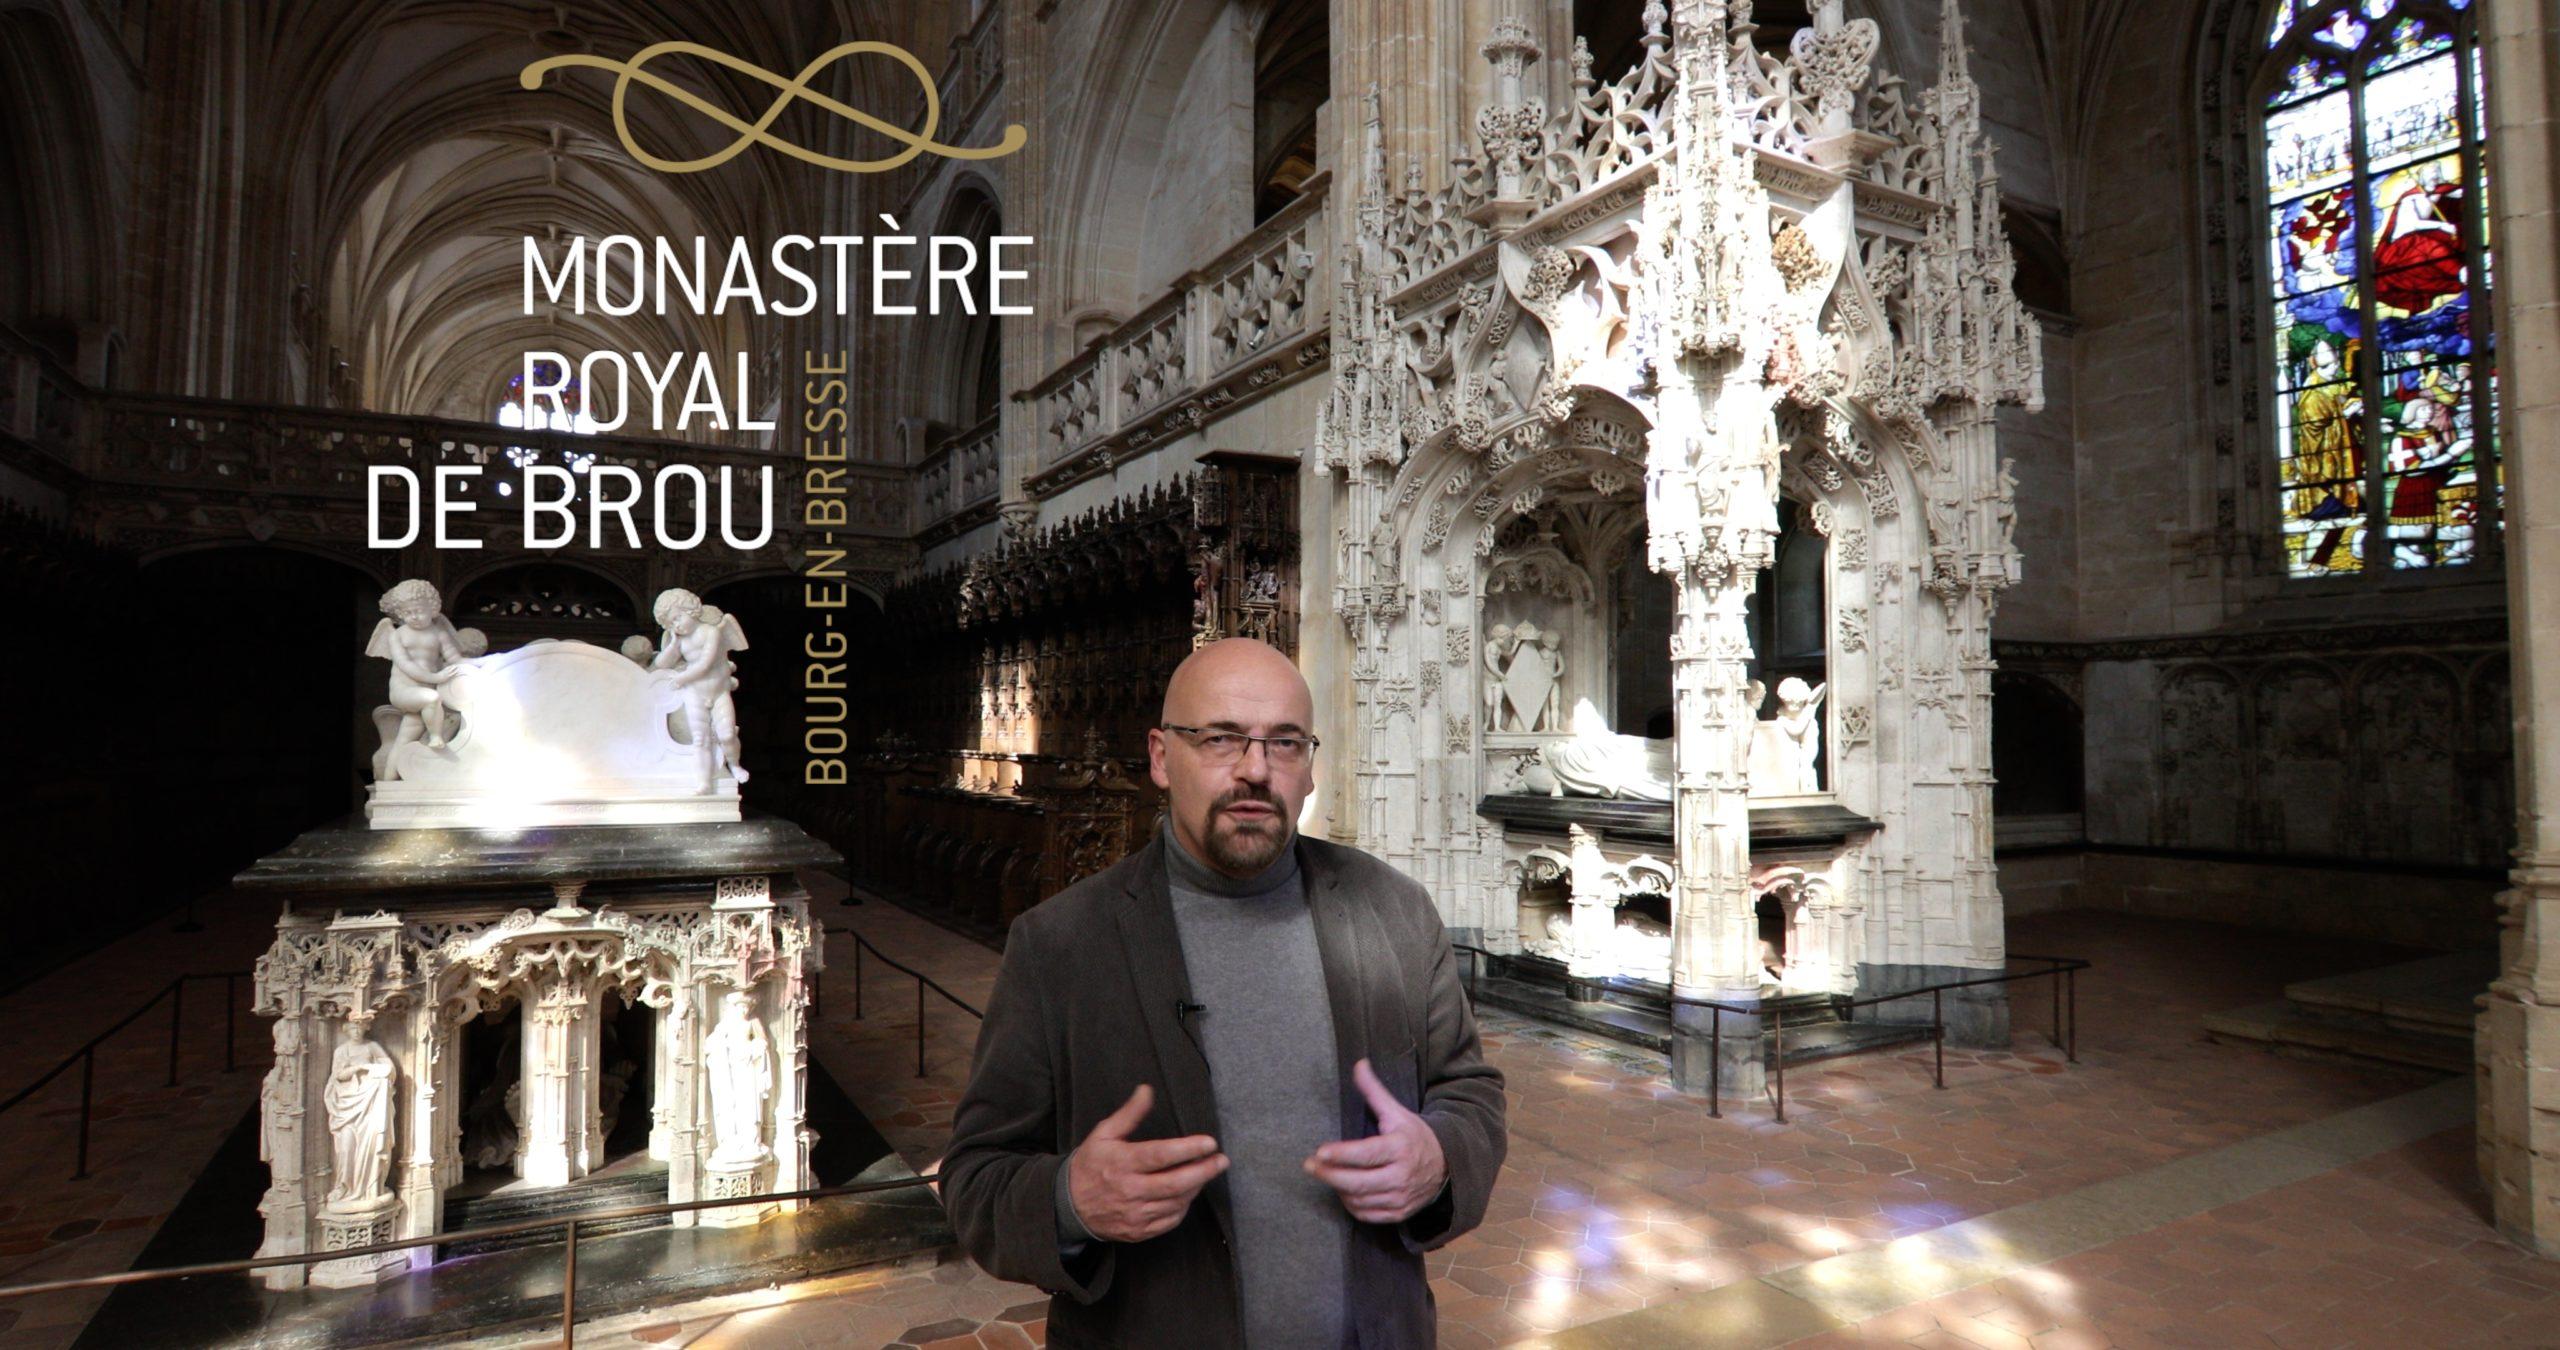 tombeaux Marguerite et Philibert Monastere royal de Brou Bourg-en-Bresse